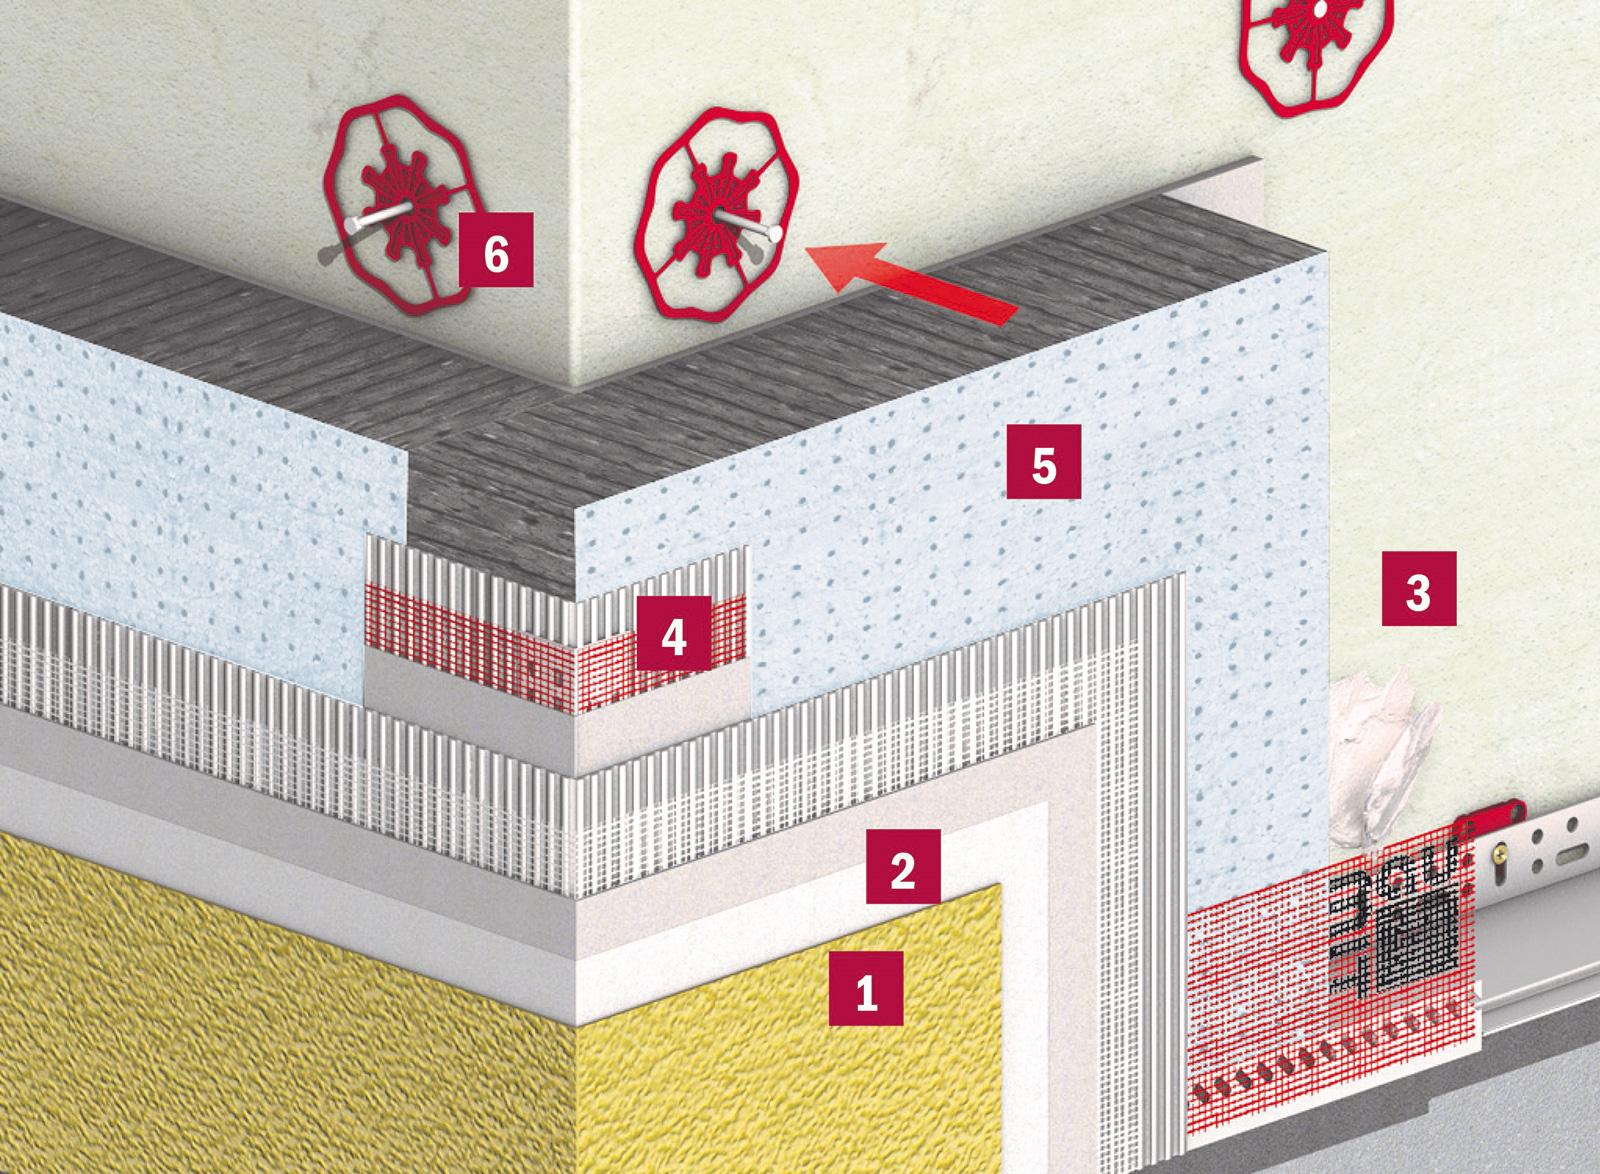 1. Baumit NanoporTop, samočisticí tenkovrstvá omítka, 2. Baumit PremiumPrimer, prémiový základní nátěr, 3. Baumit openContact, vysoce paropropustná lepicí a stěrková hmota , 4. Baumit openTex, vysoce odolná sklotextilní síťovina, 5. Baumit openReflect, šedé difuzně otevřené fasádní desky z EPS , 6. Baumit StarTrack, jedinečné lepicí kotvy pro prvotřídní zateplení